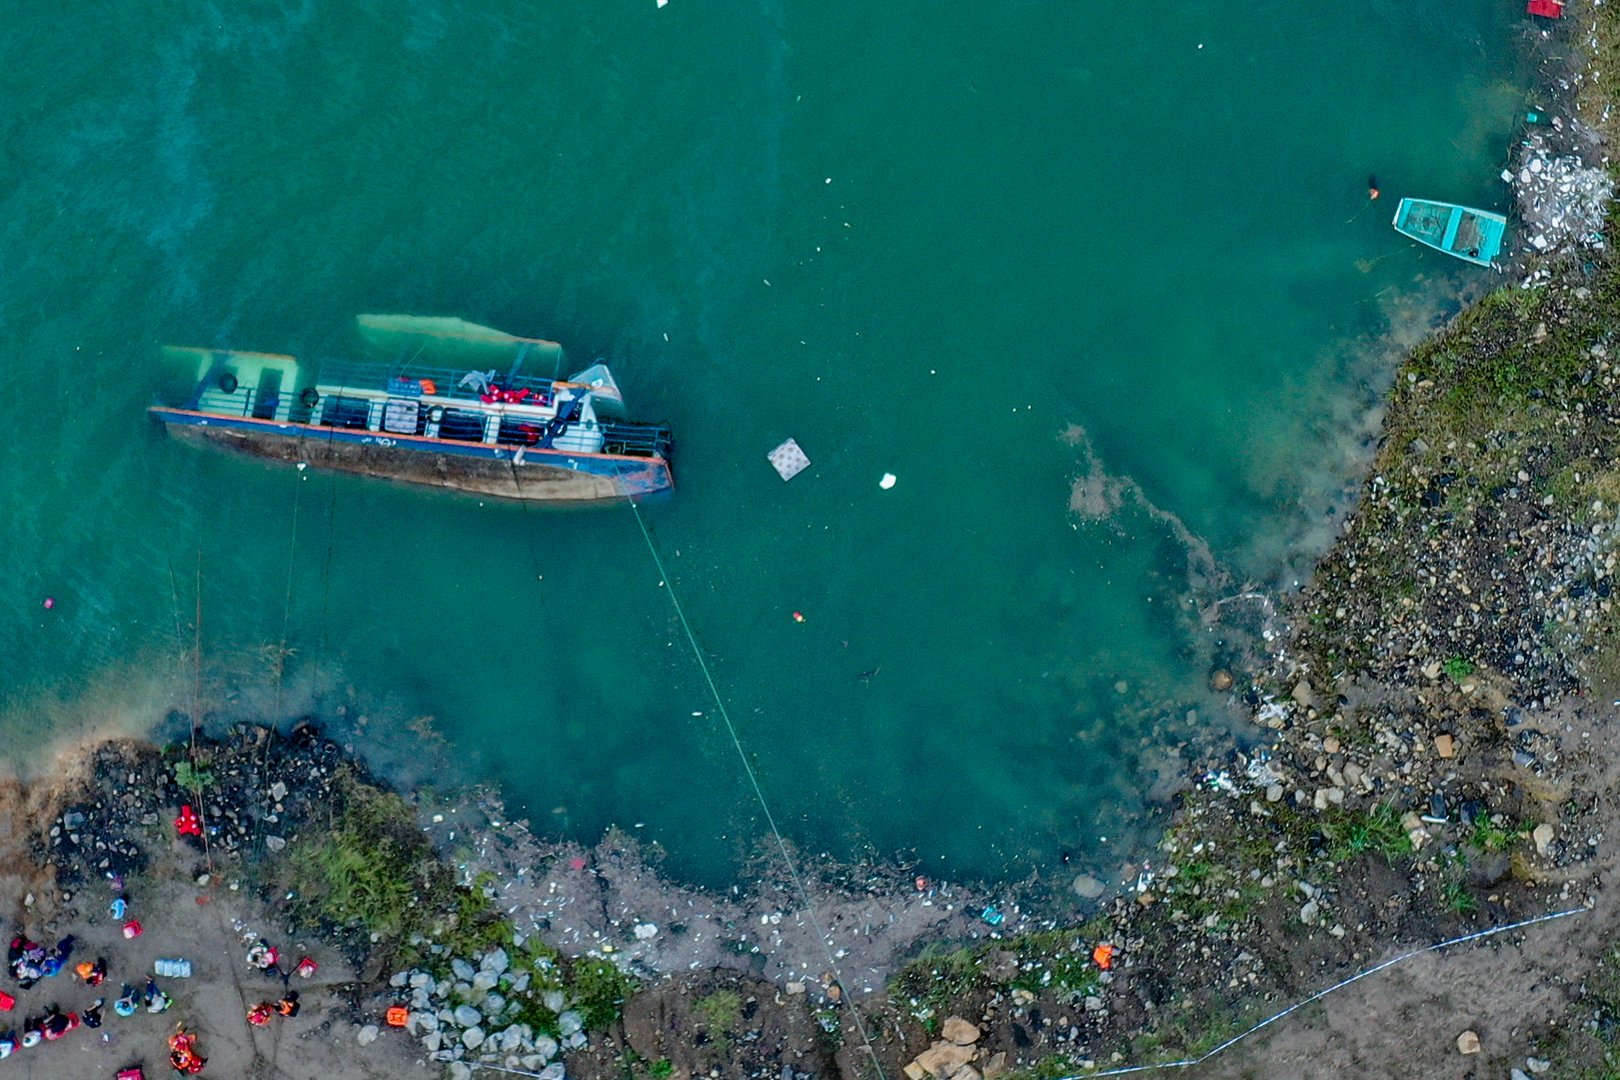 وسائل إعلام: مقتل 10 أشخاص جراء انقلاب سفينة ركاب بجنوب غرب الصين